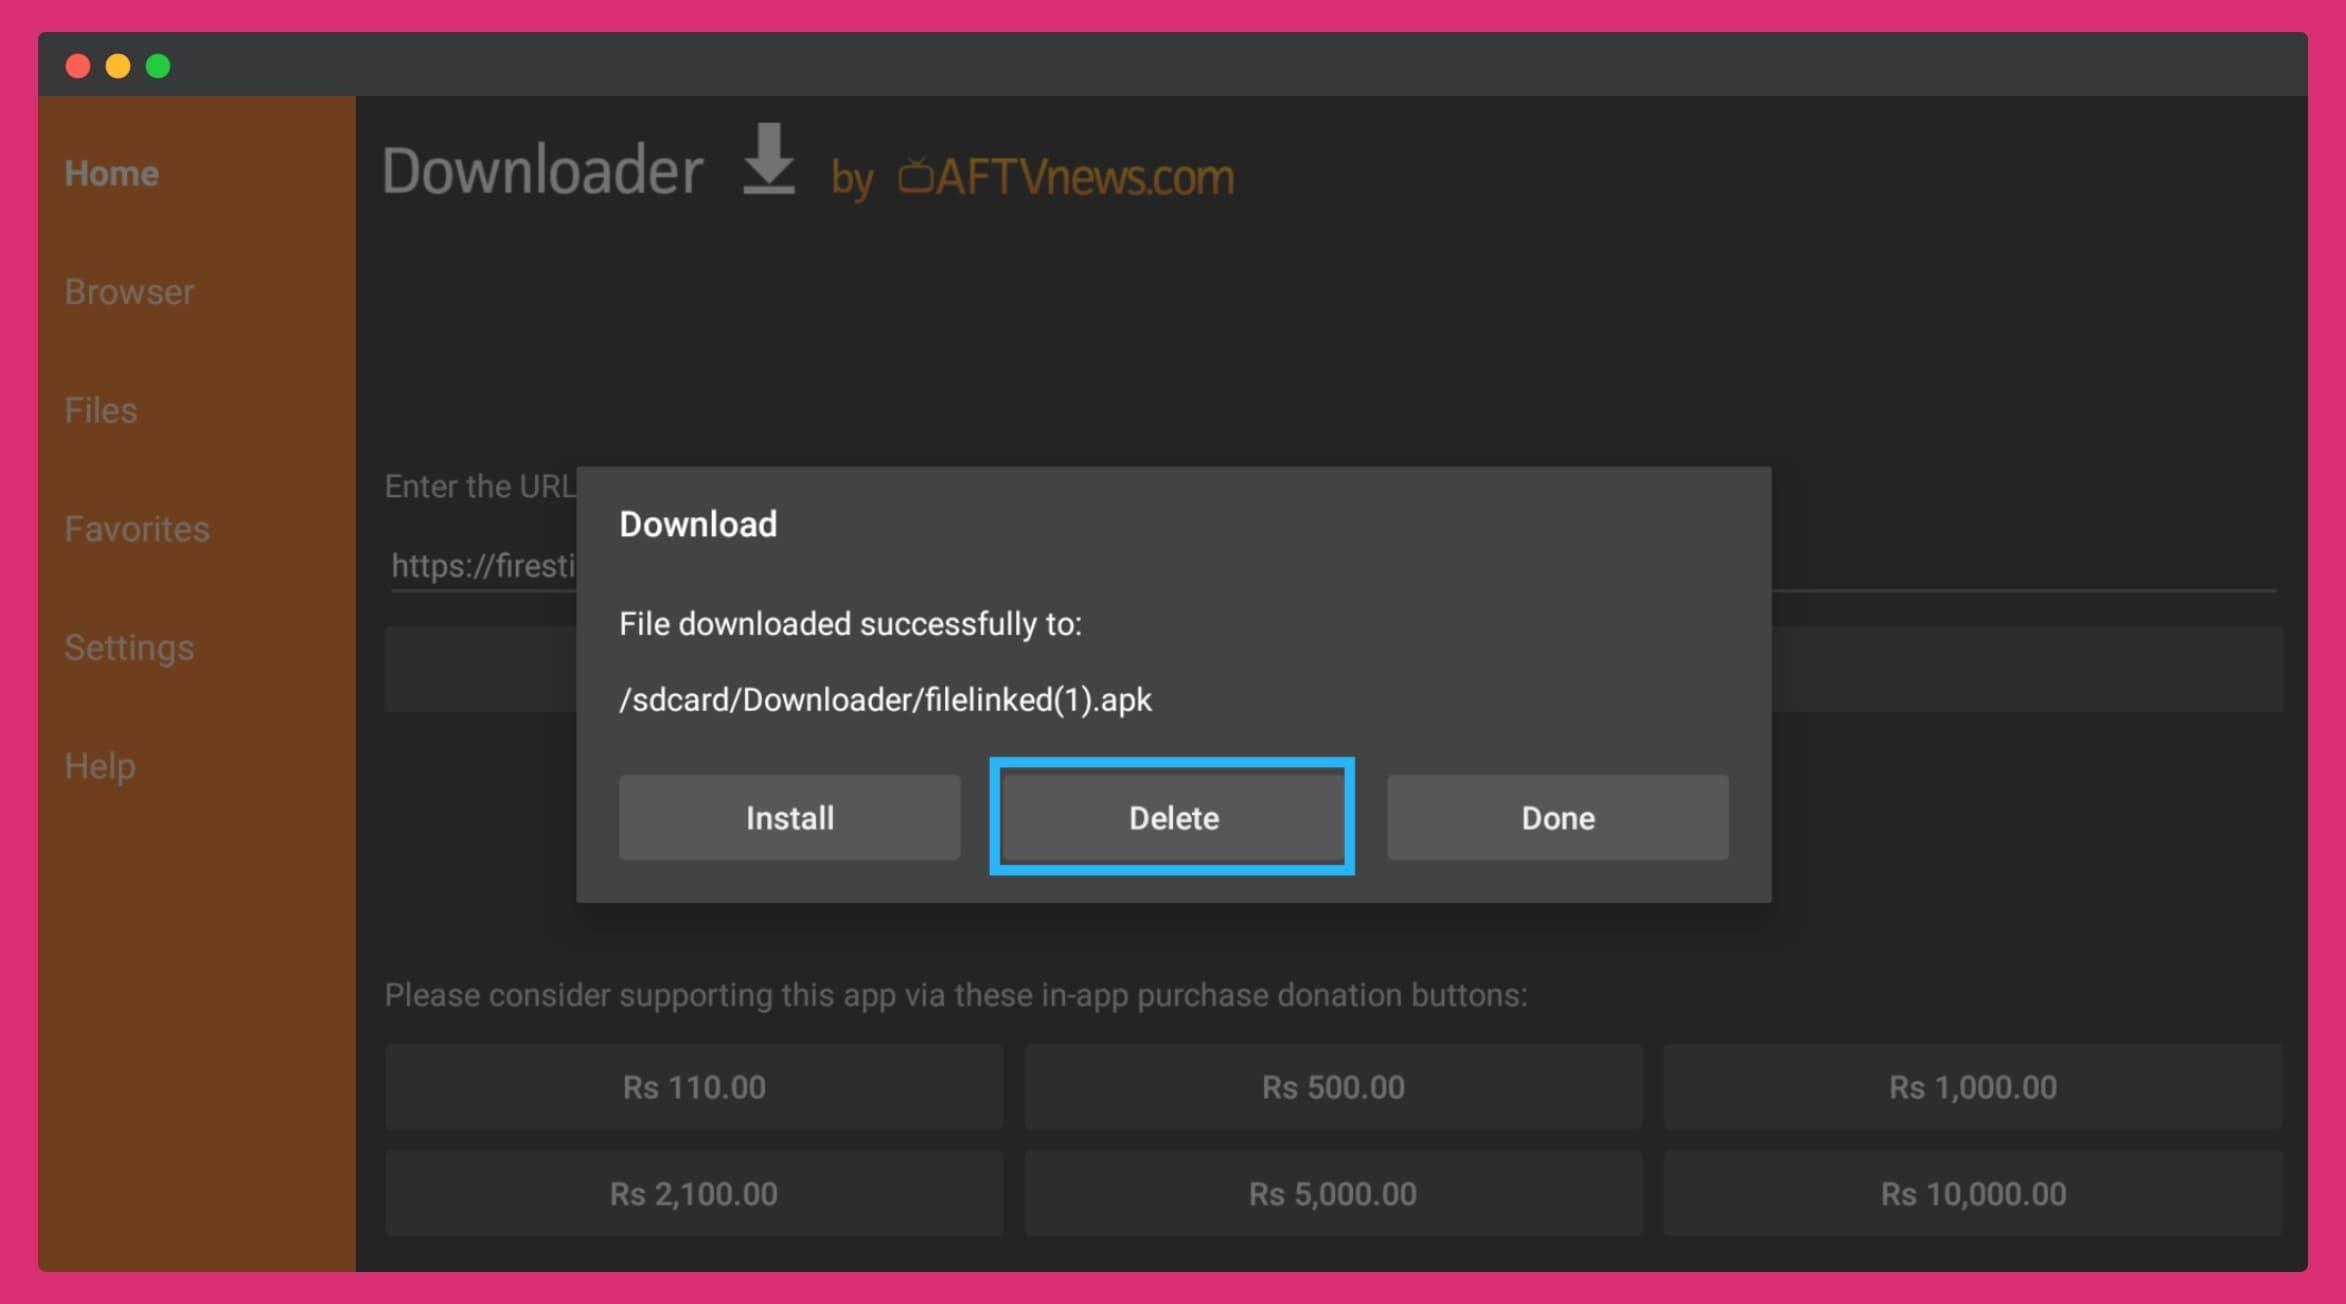 click-on-the-Delete-button